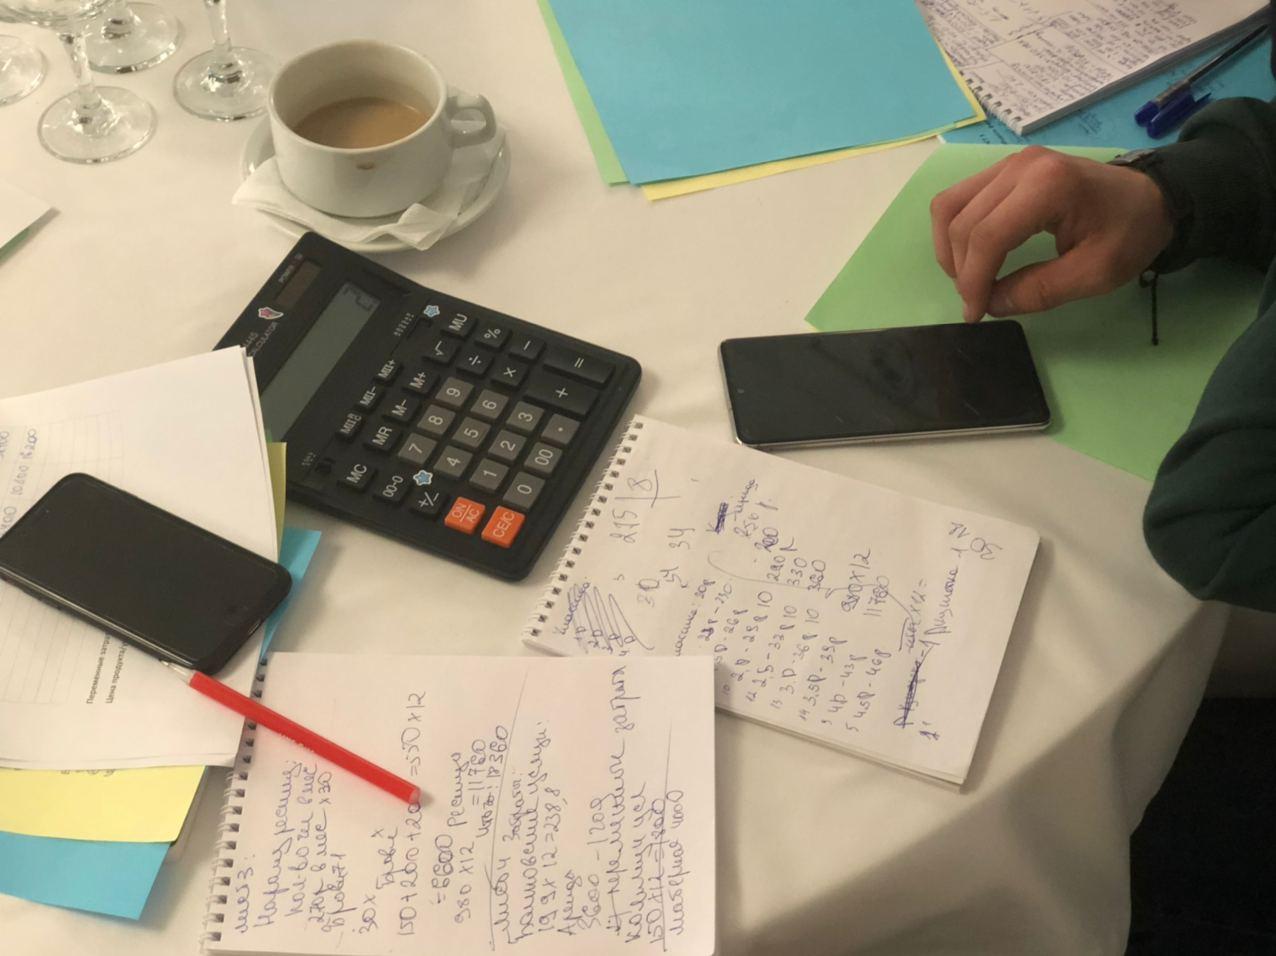 Как создать и вести бизнес, узнали предпринимательницы из Березы